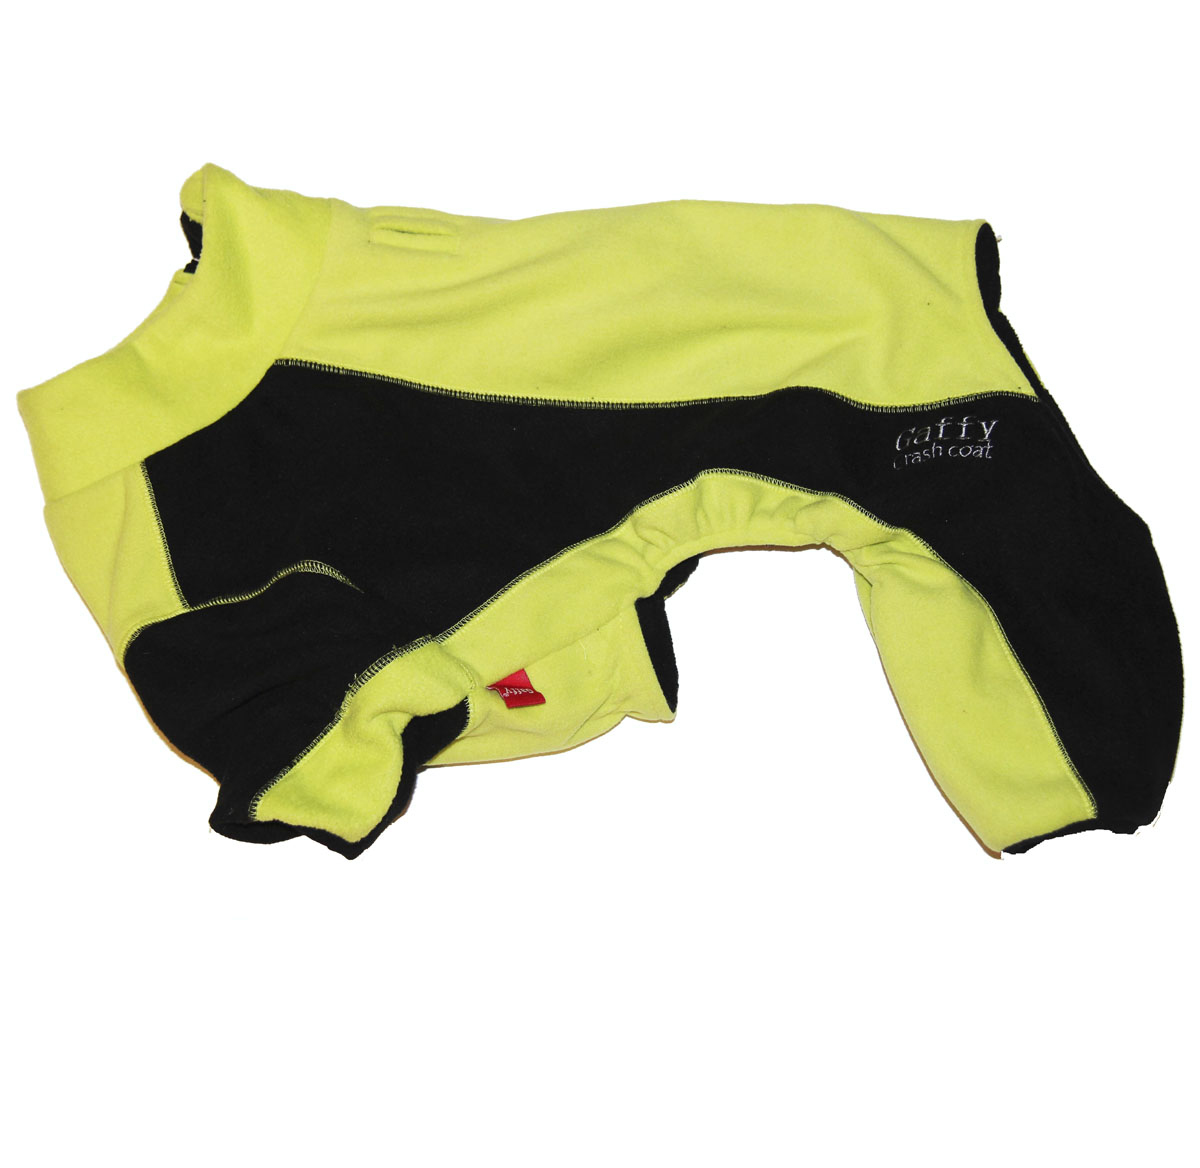 """Комбинезон для собак """"Gaffy Pet"""", унисекс, цвет: салатовый, черный. Размер 4XL"""